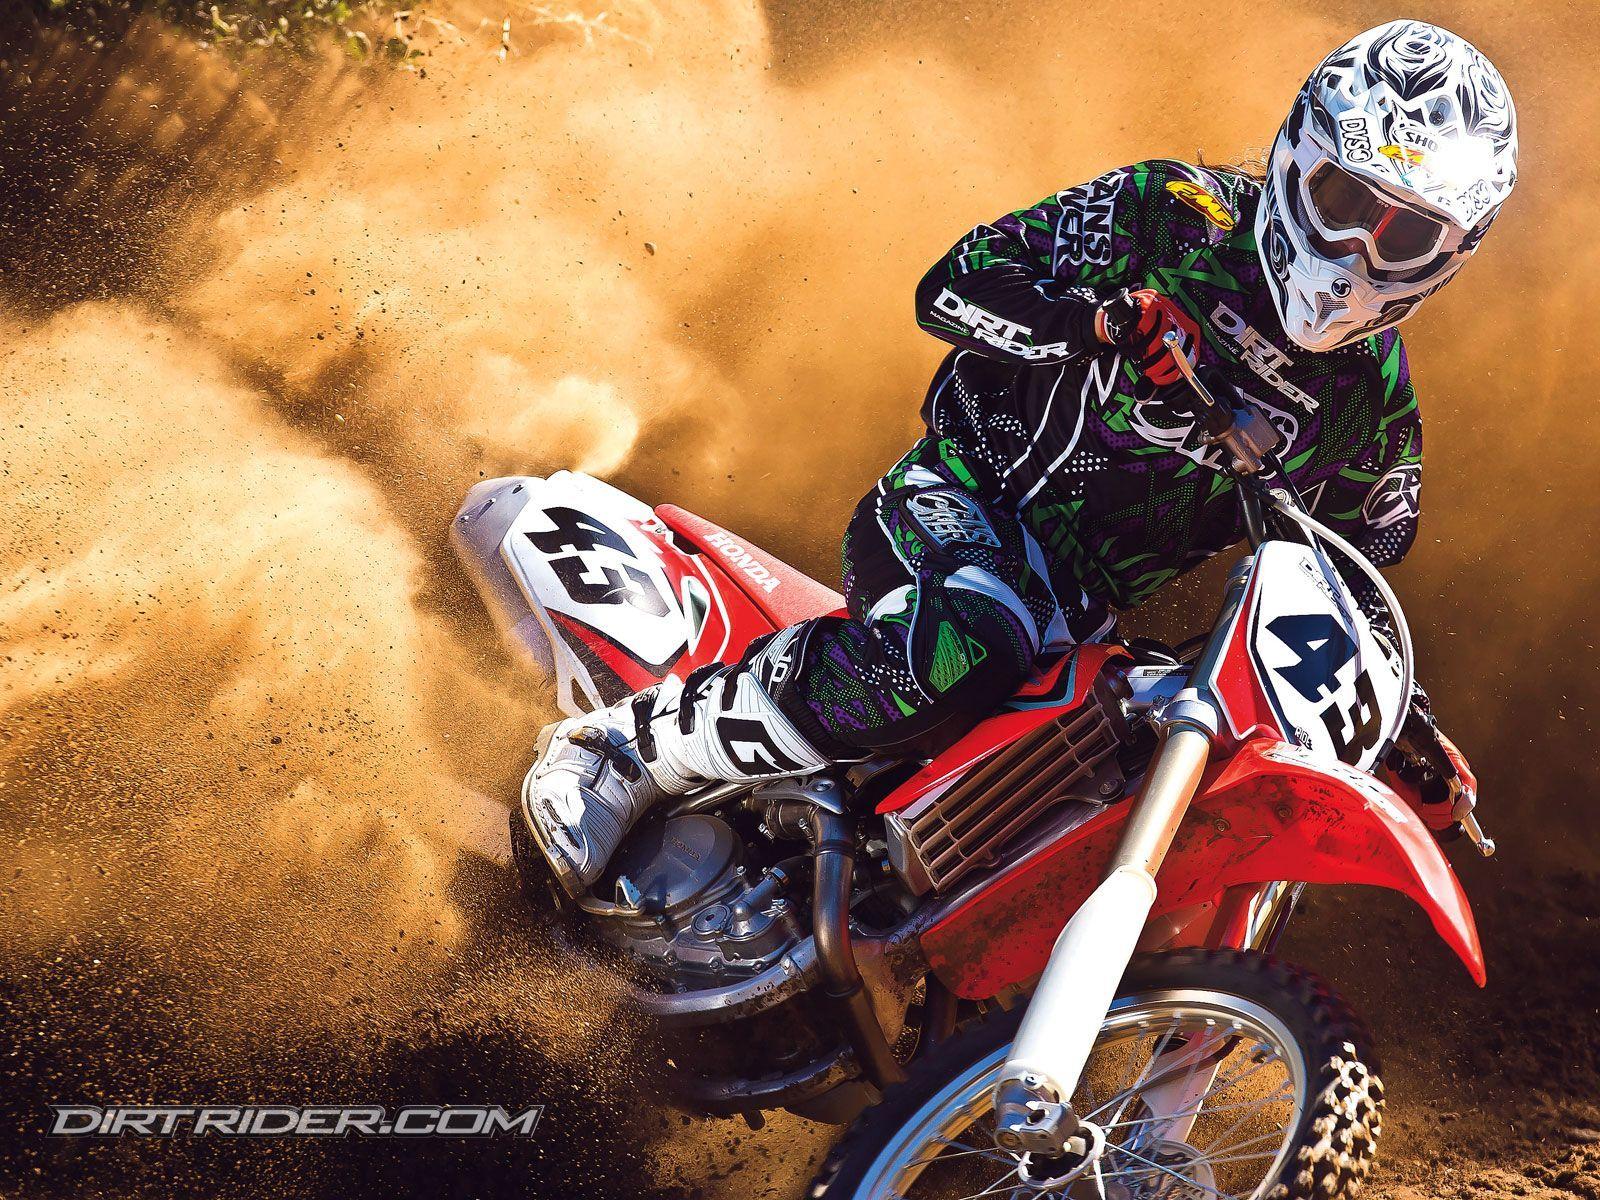 High Resolution Motocross Honda Dirt Bike Wallpaper HD 2